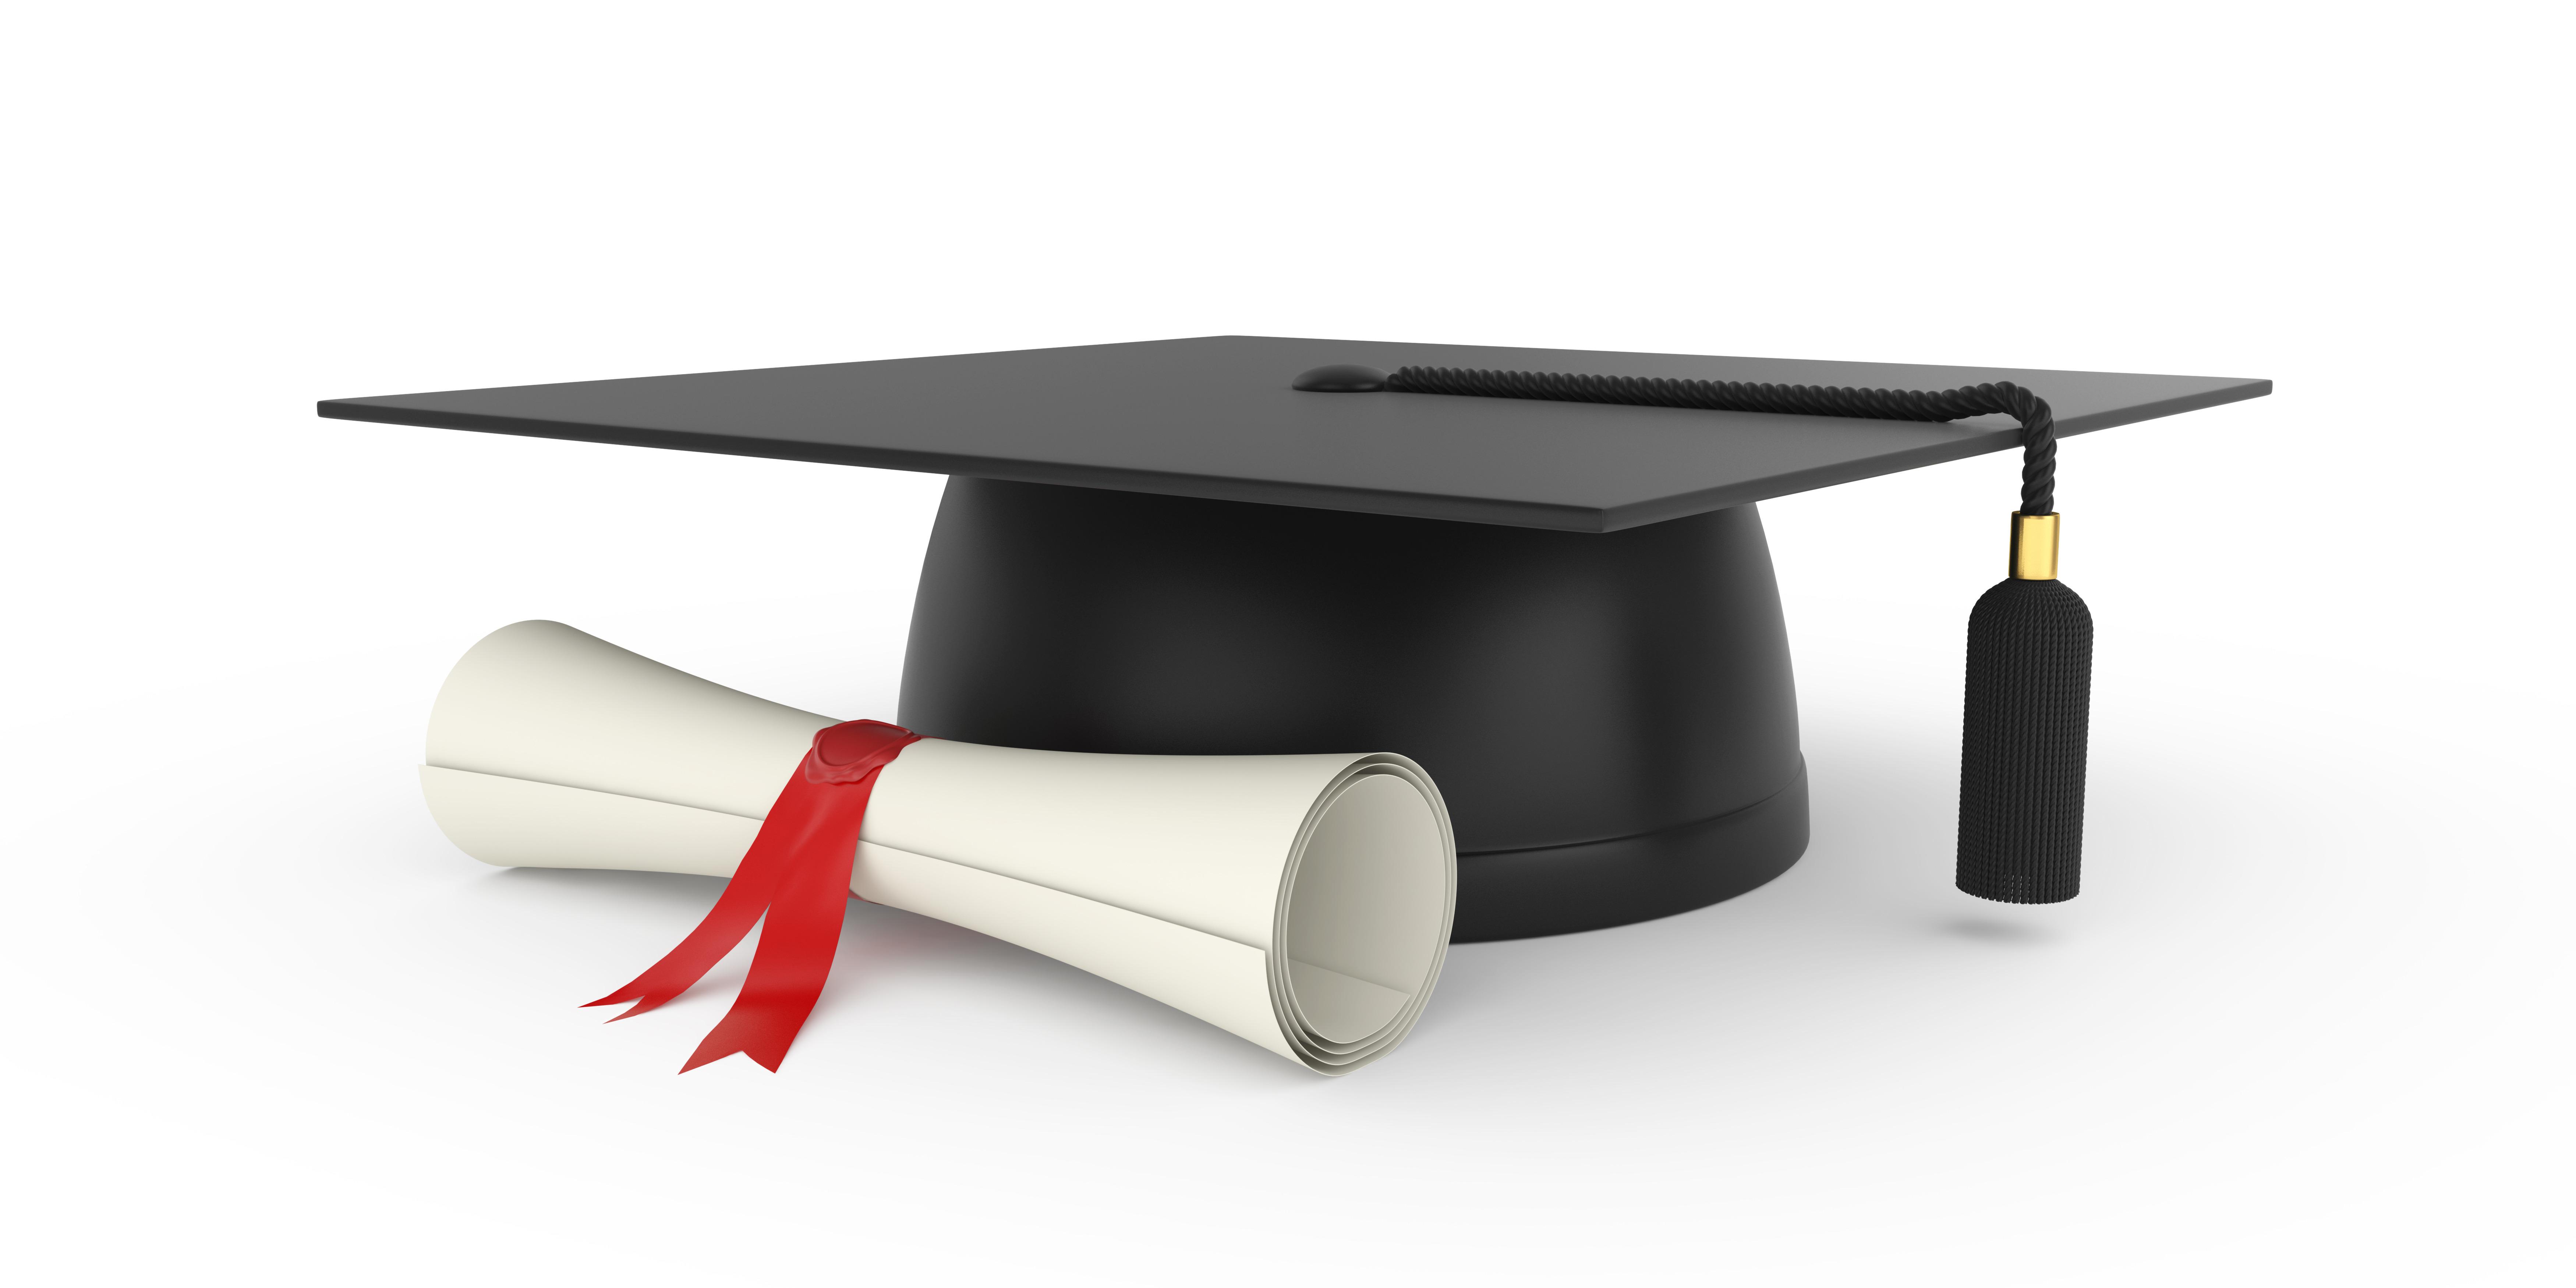 Graduation Cap Clip Art Free 2014 | Images Guru